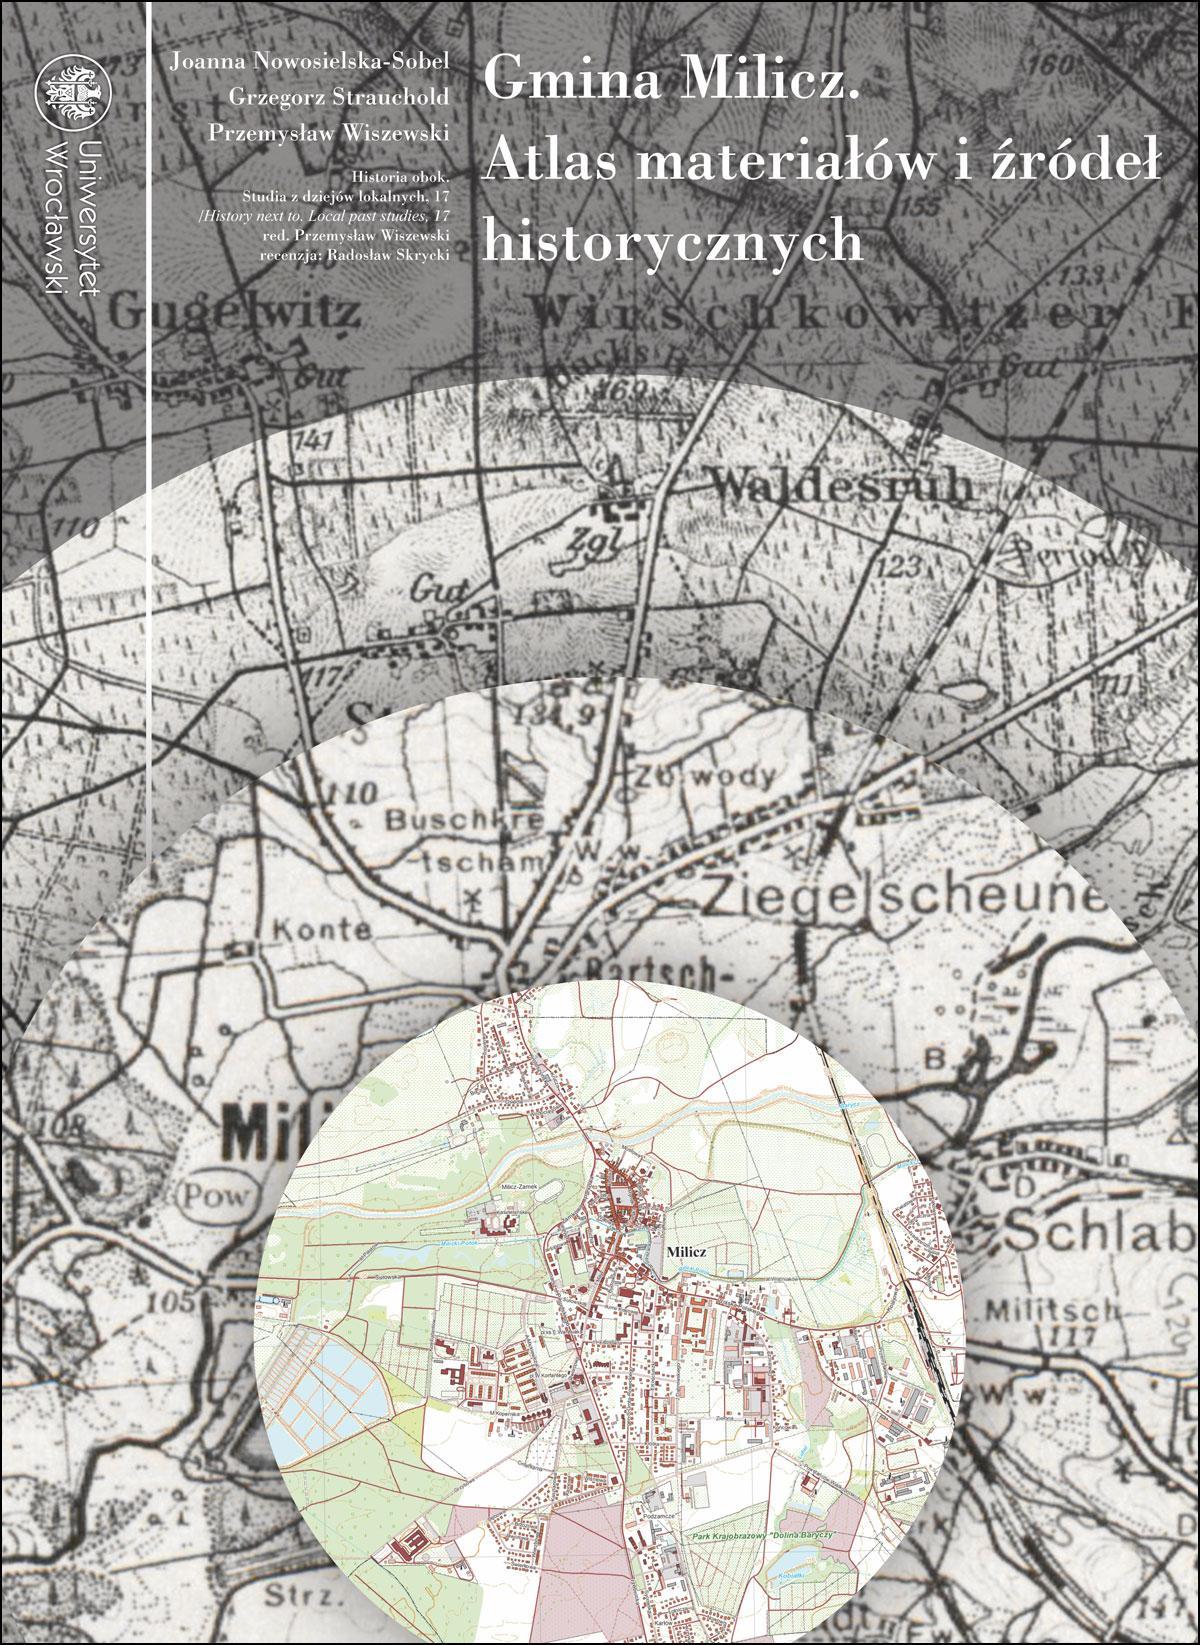 Gmina Milicz. Atlas materiałów i źródeł historycznych